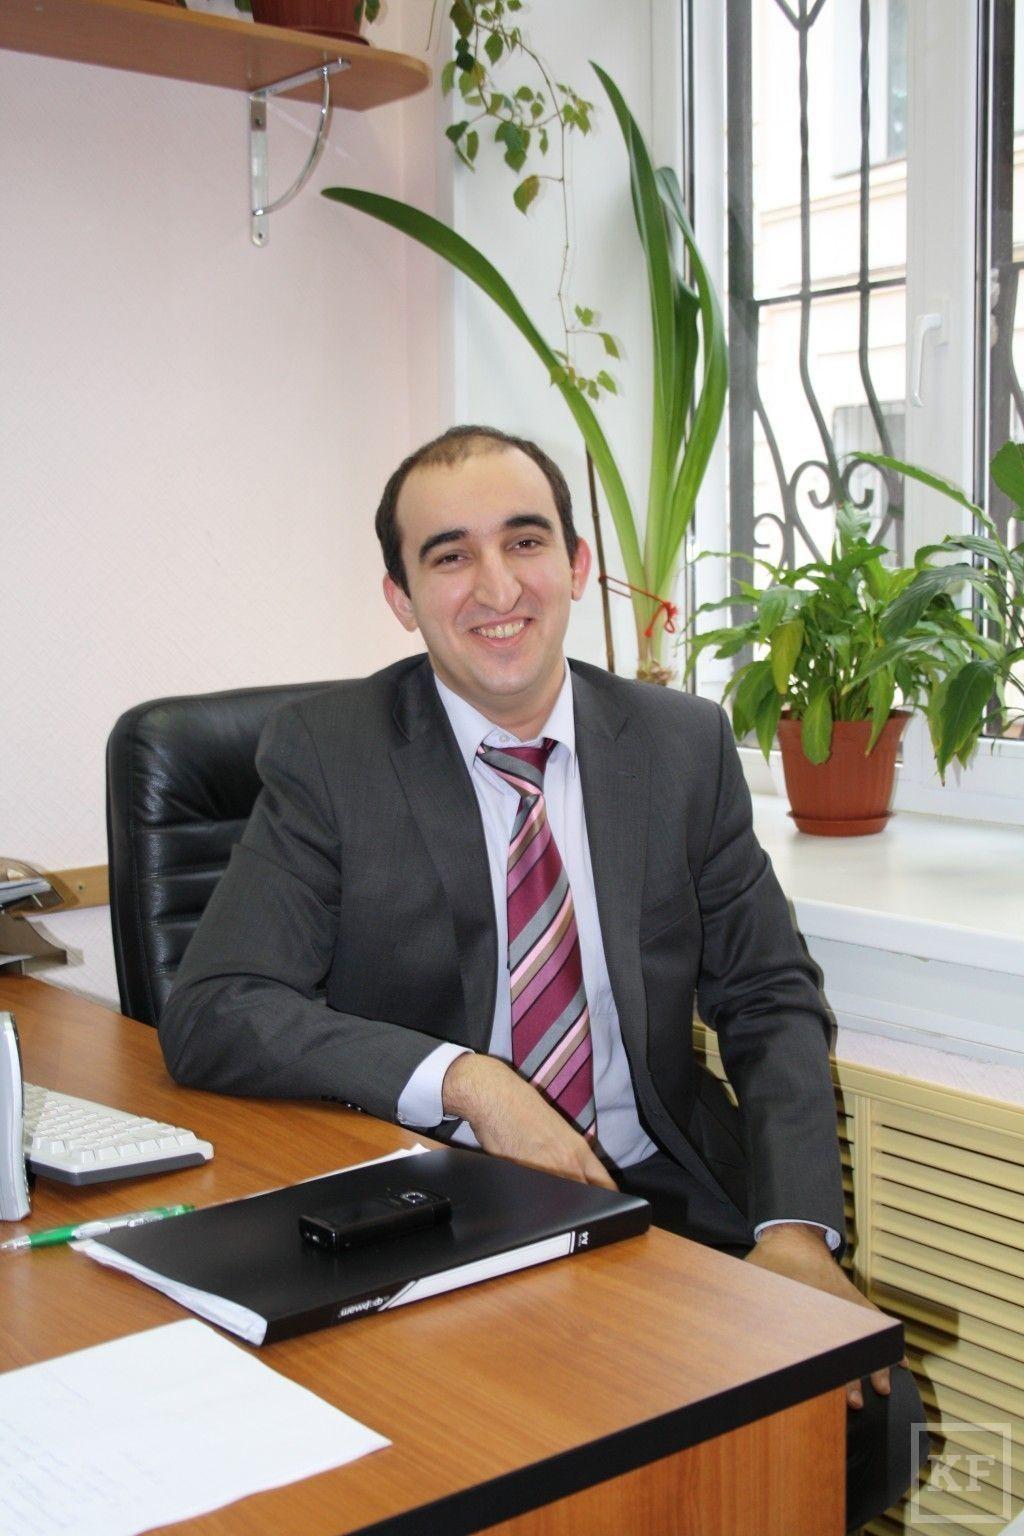 Ленар Сафиуллин: «Программа «Молодежное предпринимательство» должна пройти с фейерверком» или для чего КФУ нужны 660 пресс-релизов в месяц